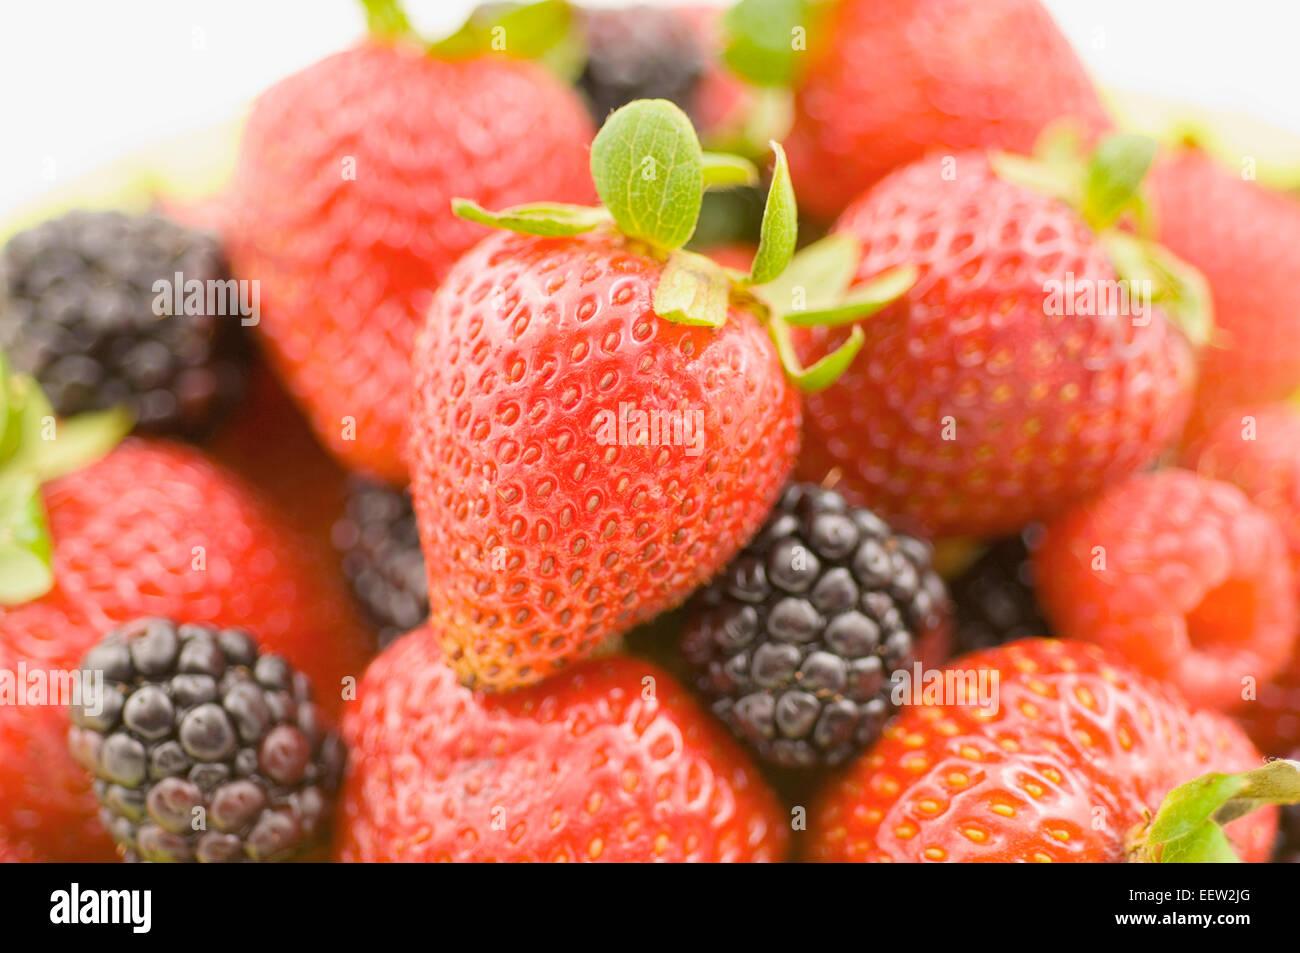 Assiette de fruits des champs Photo Stock